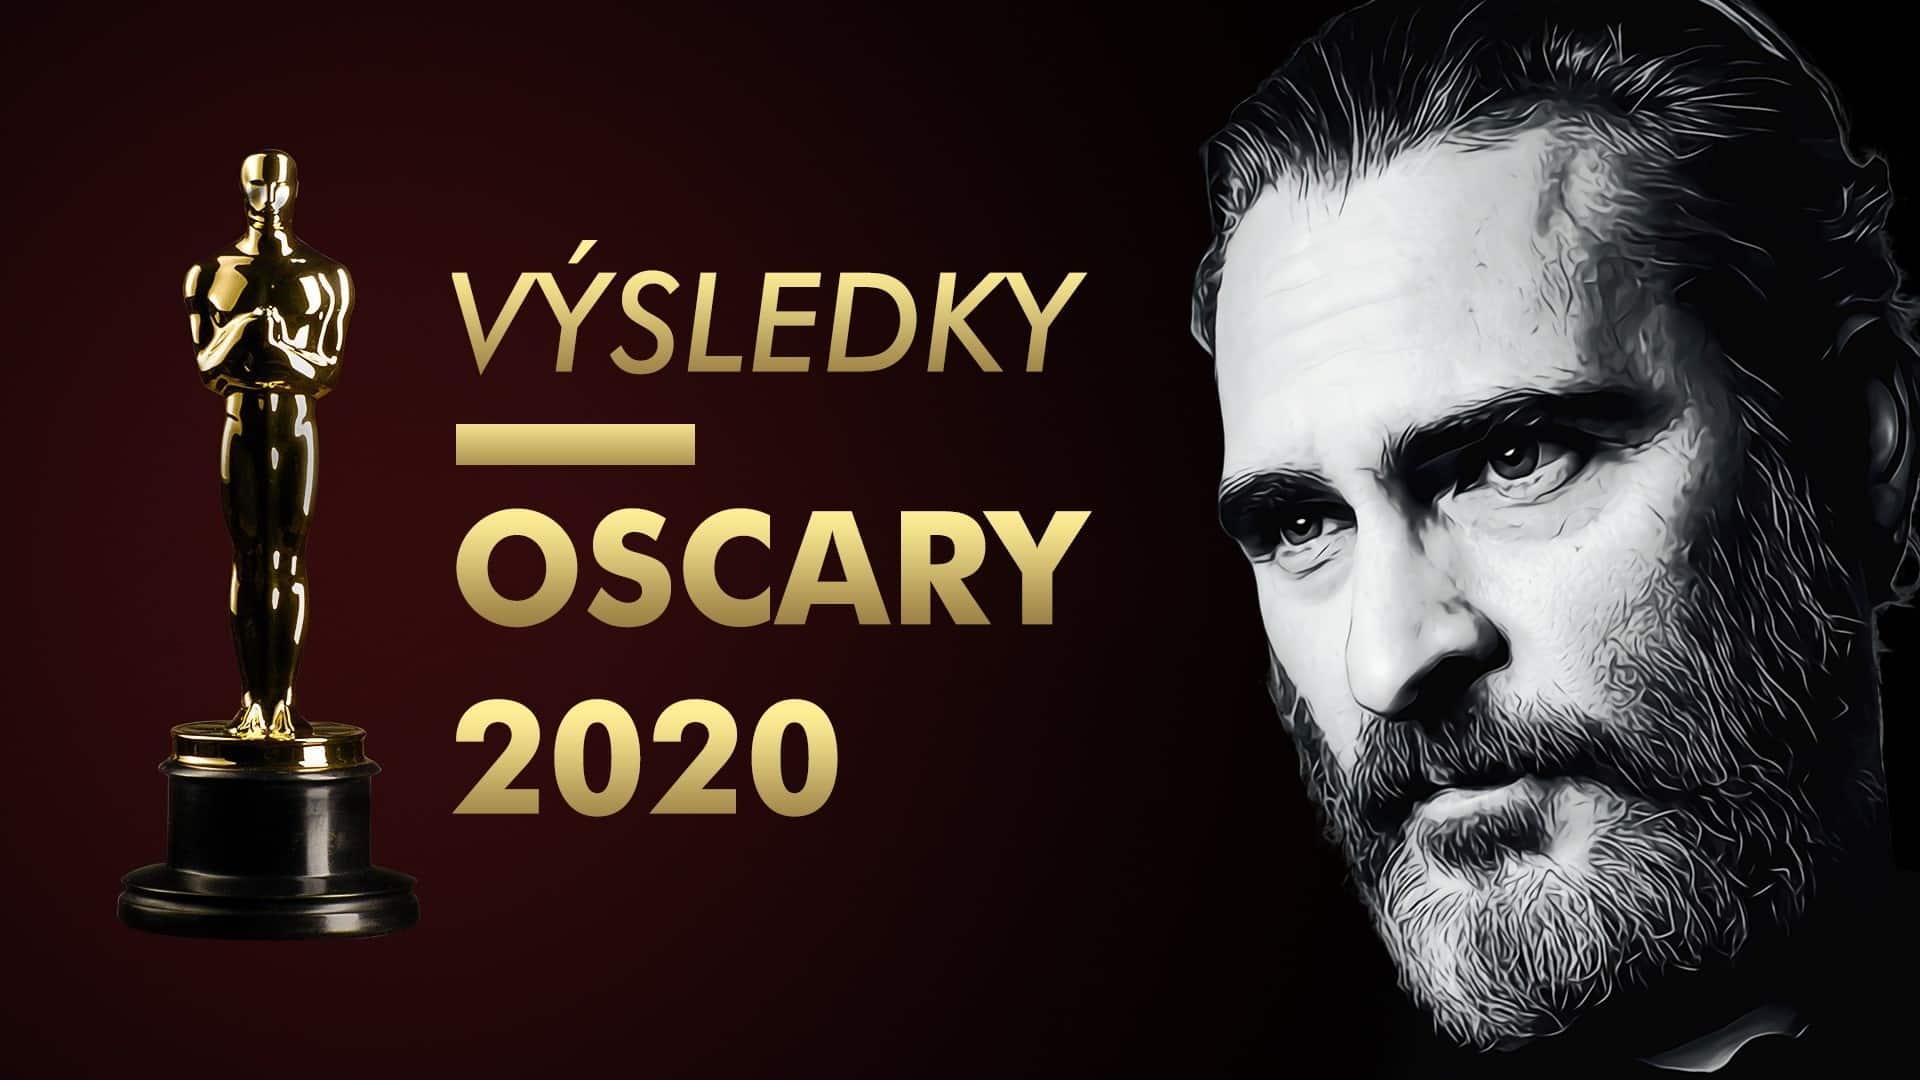 oscary 2020 vysledky